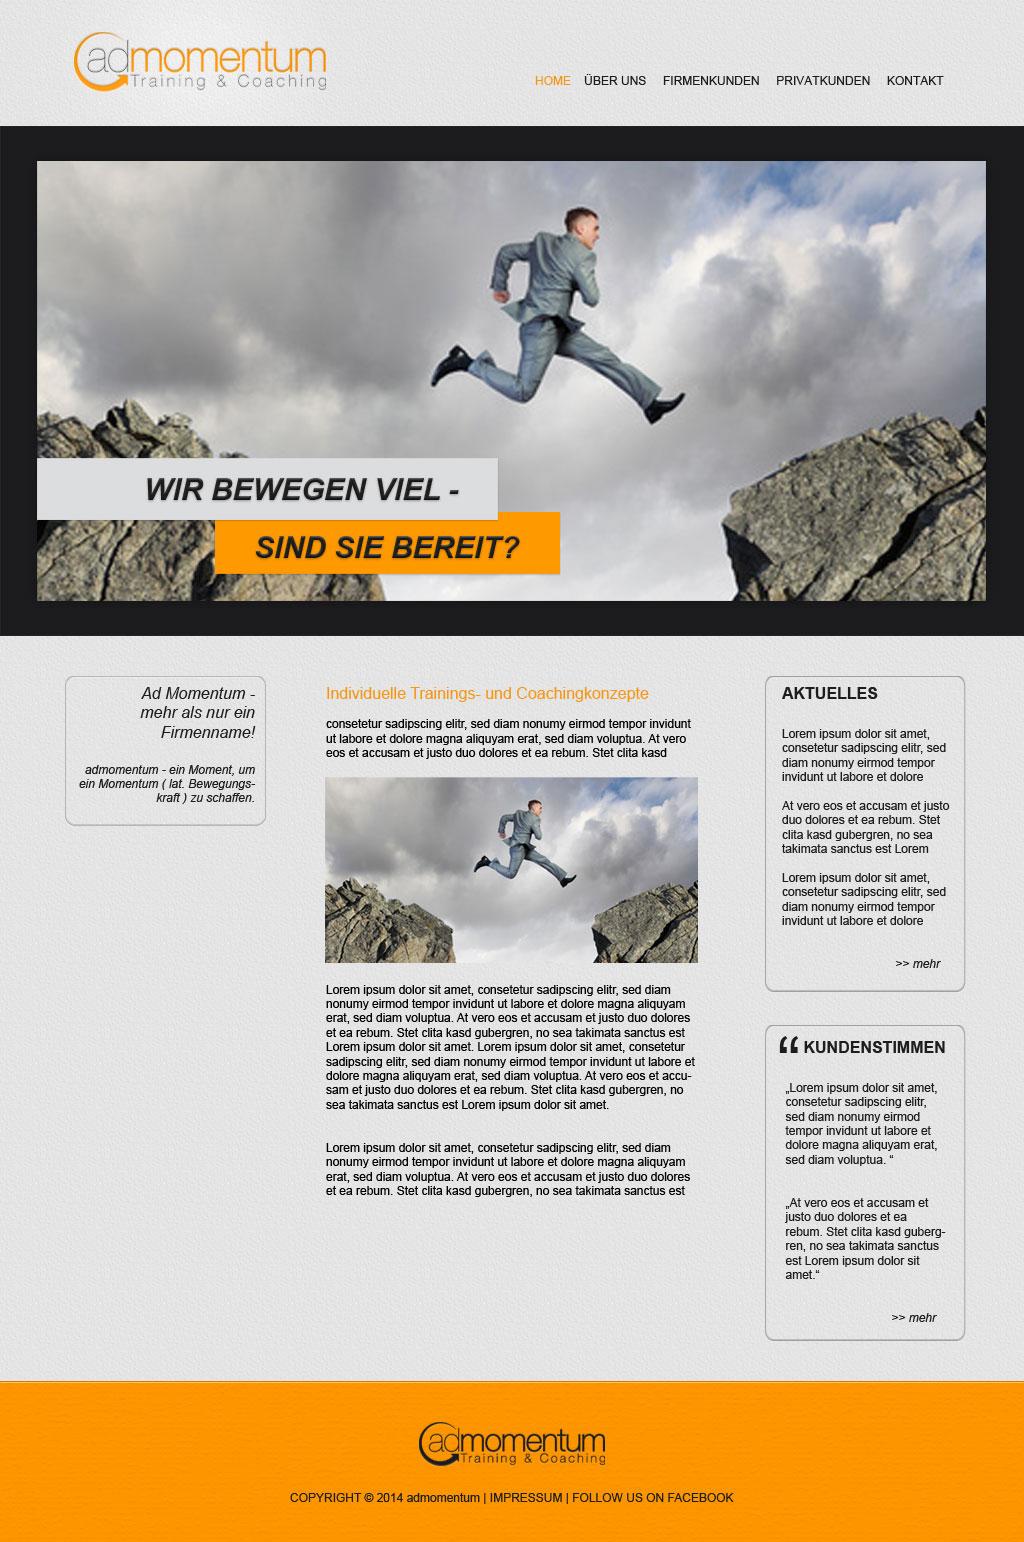 Design #18 von Antje